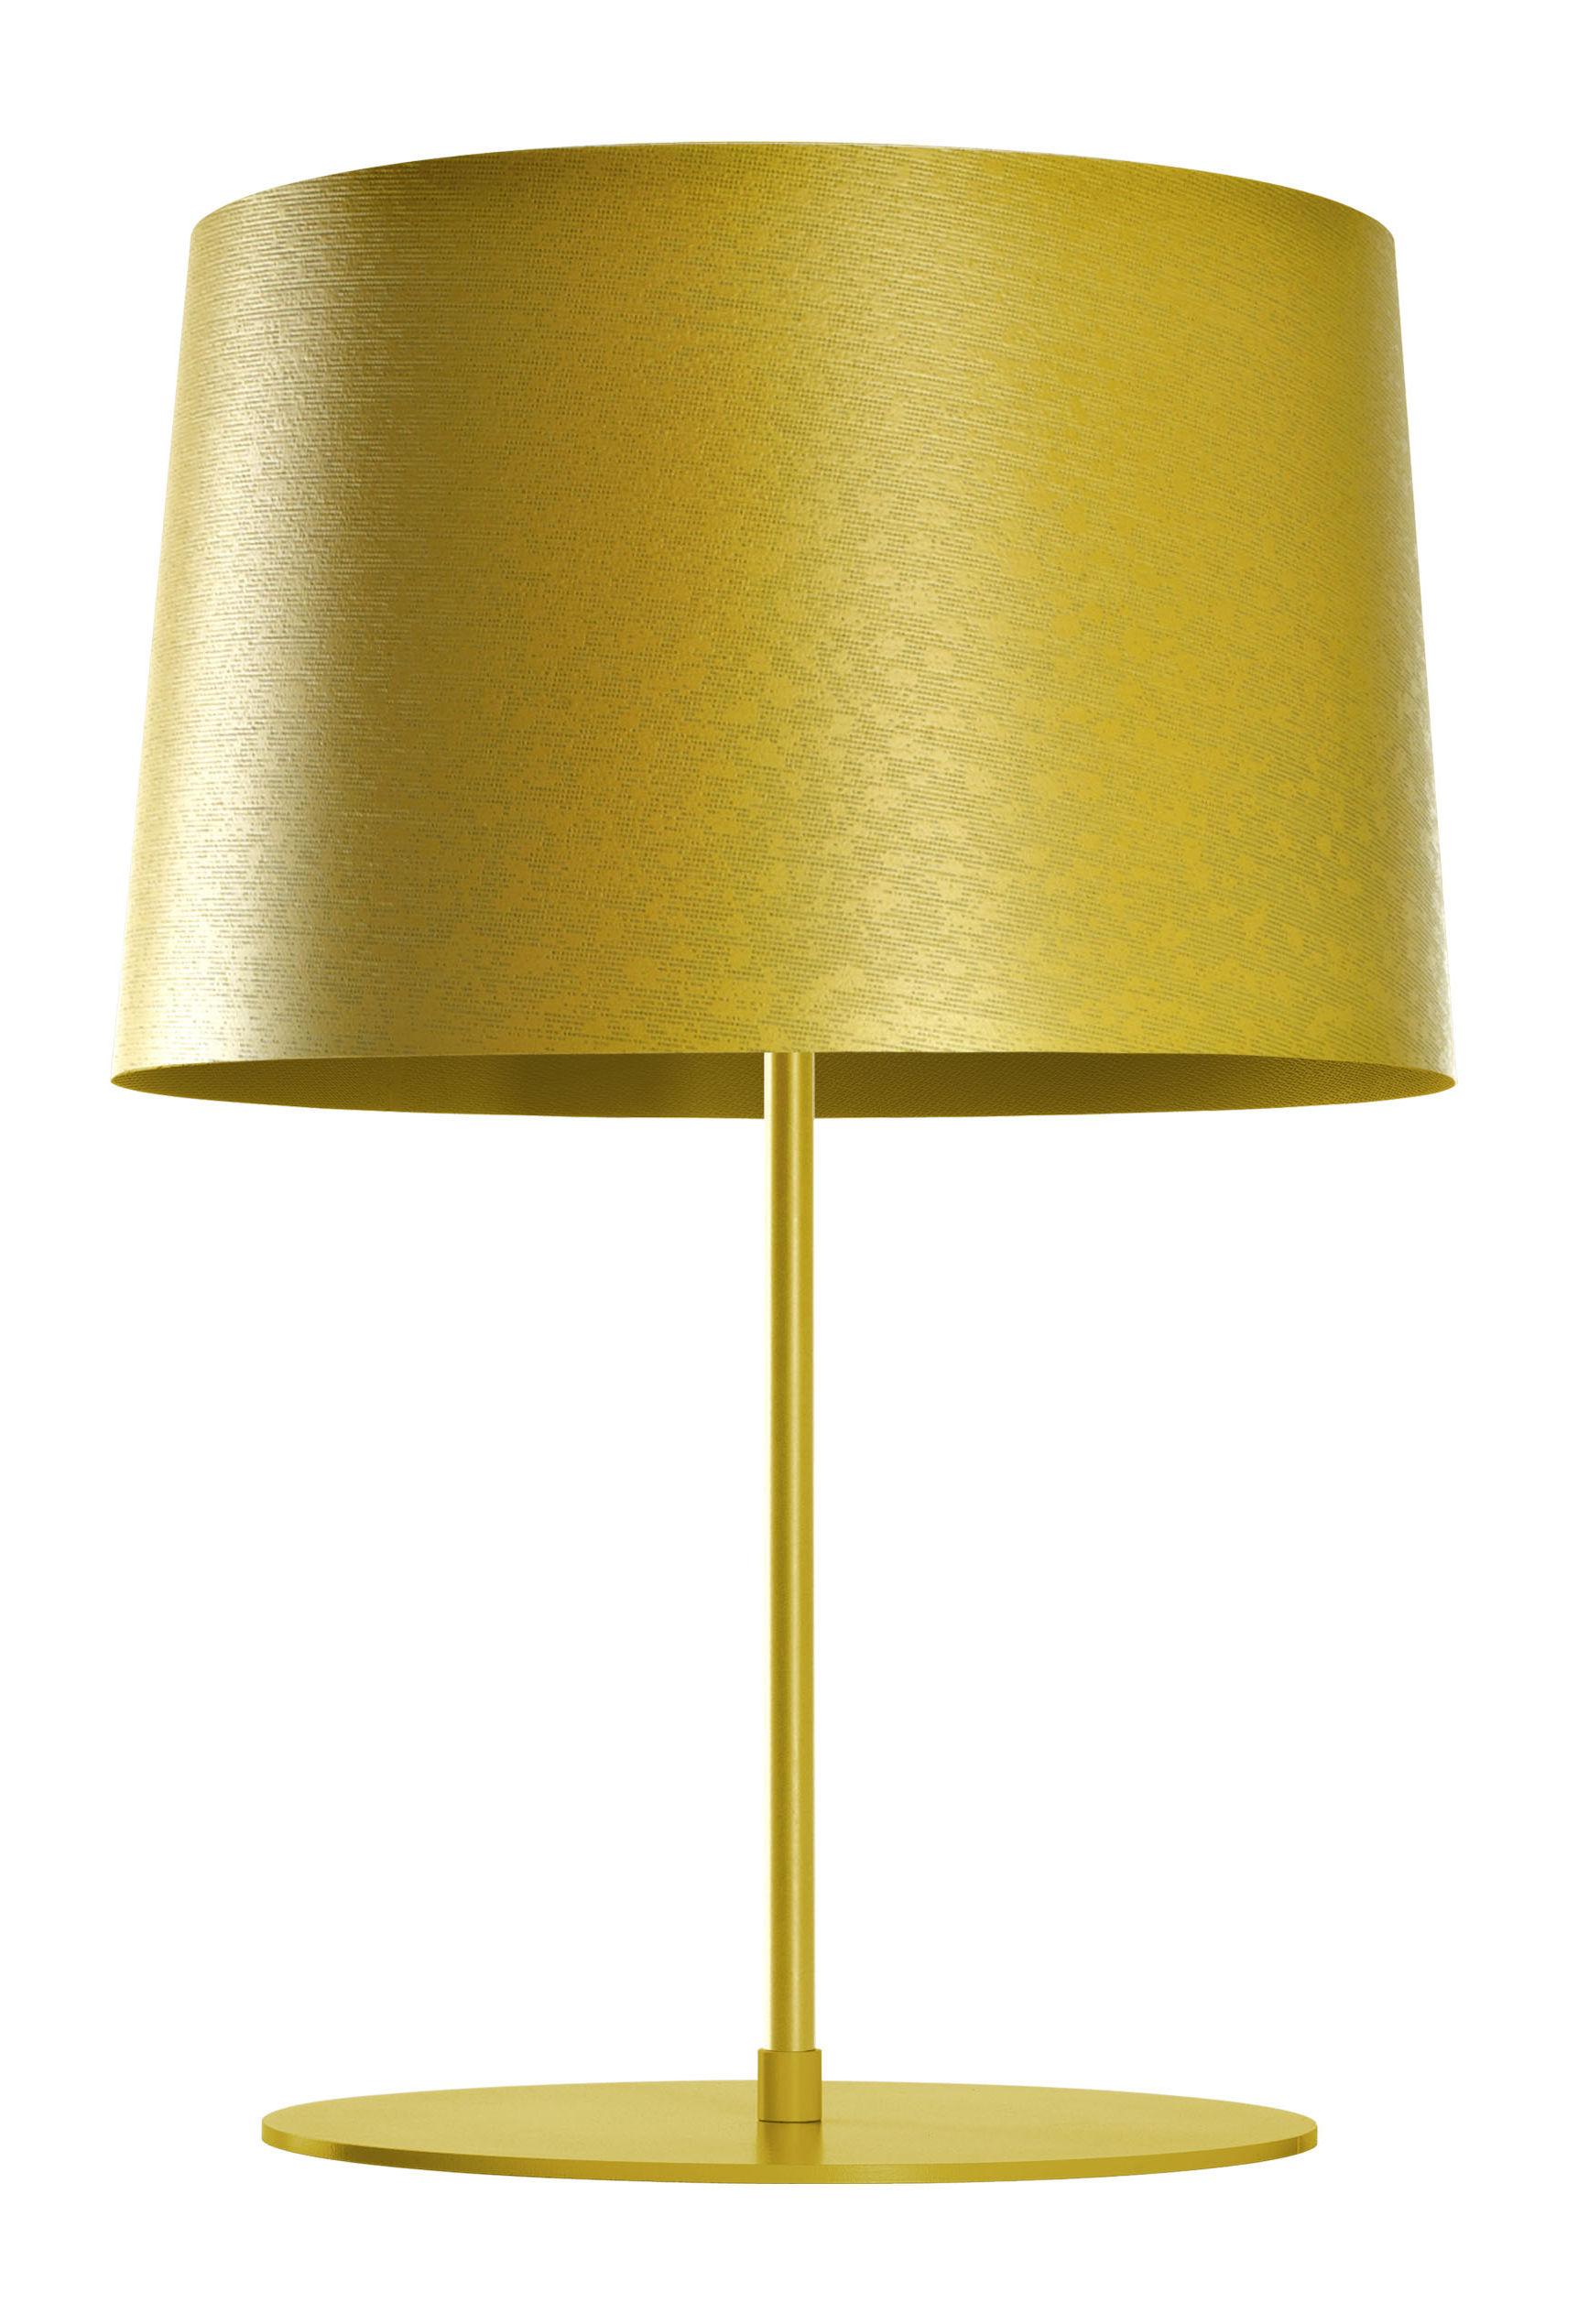 lampe de table twiggy xl jaune foscarini. Black Bedroom Furniture Sets. Home Design Ideas